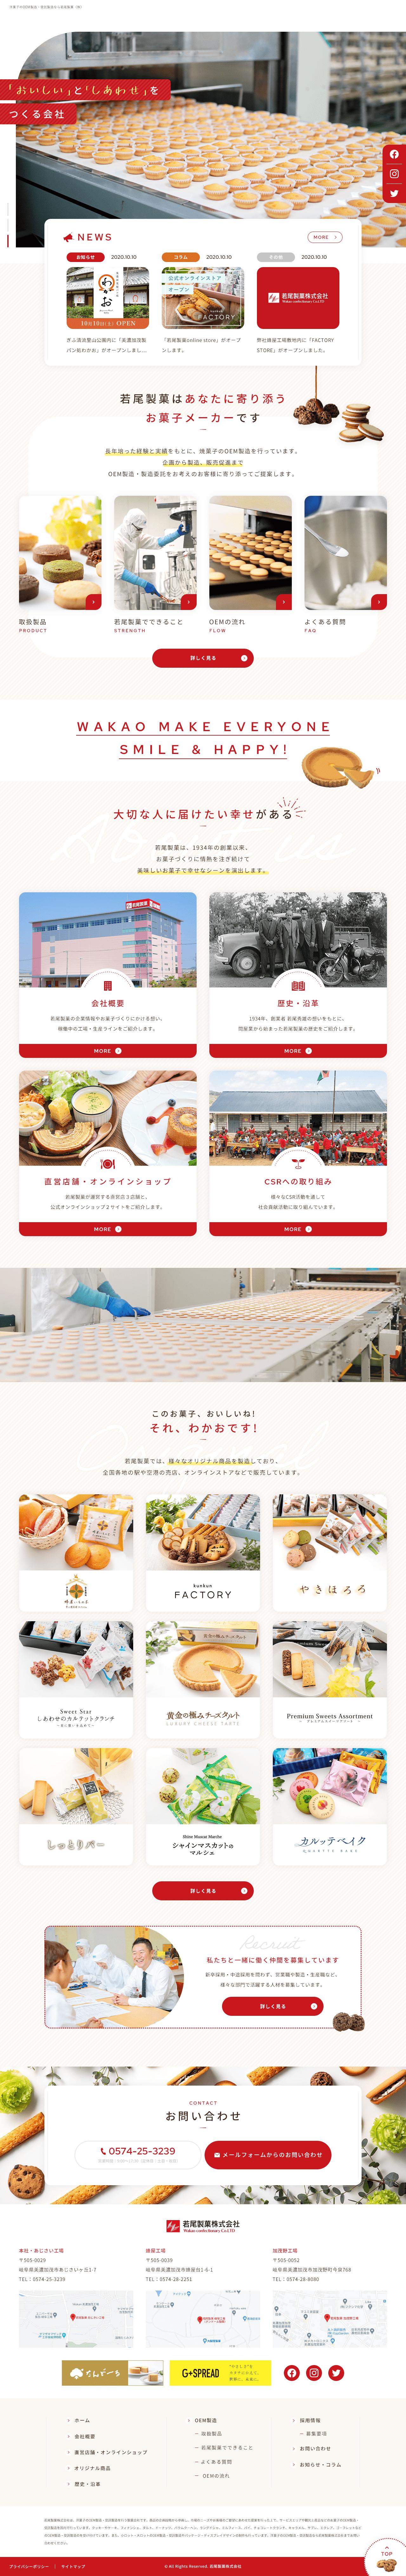 若尾製菓株式会社 様